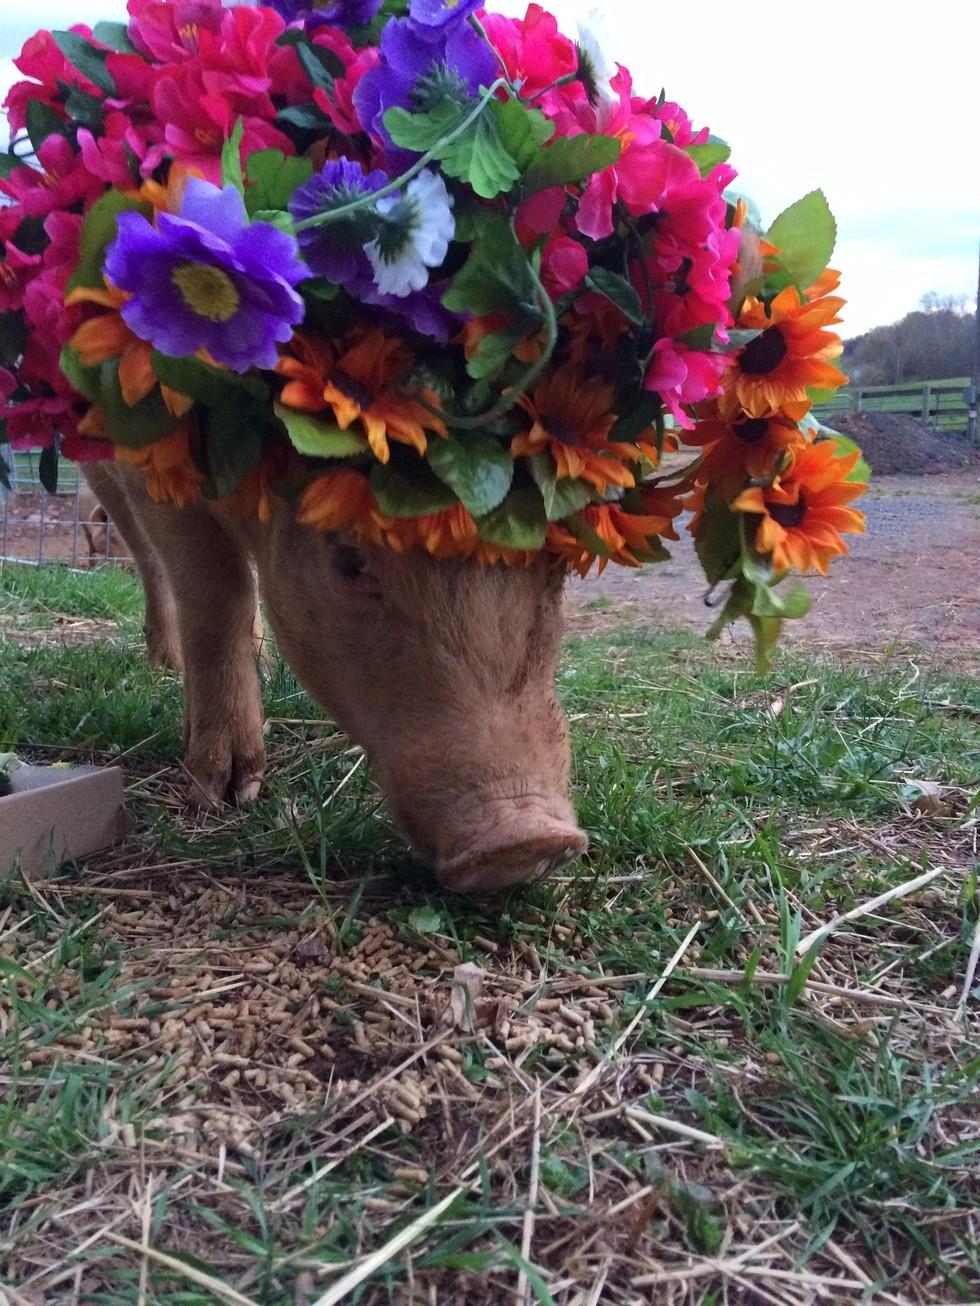 Virágkoszorúkat kaptak a gazdára váró malacok